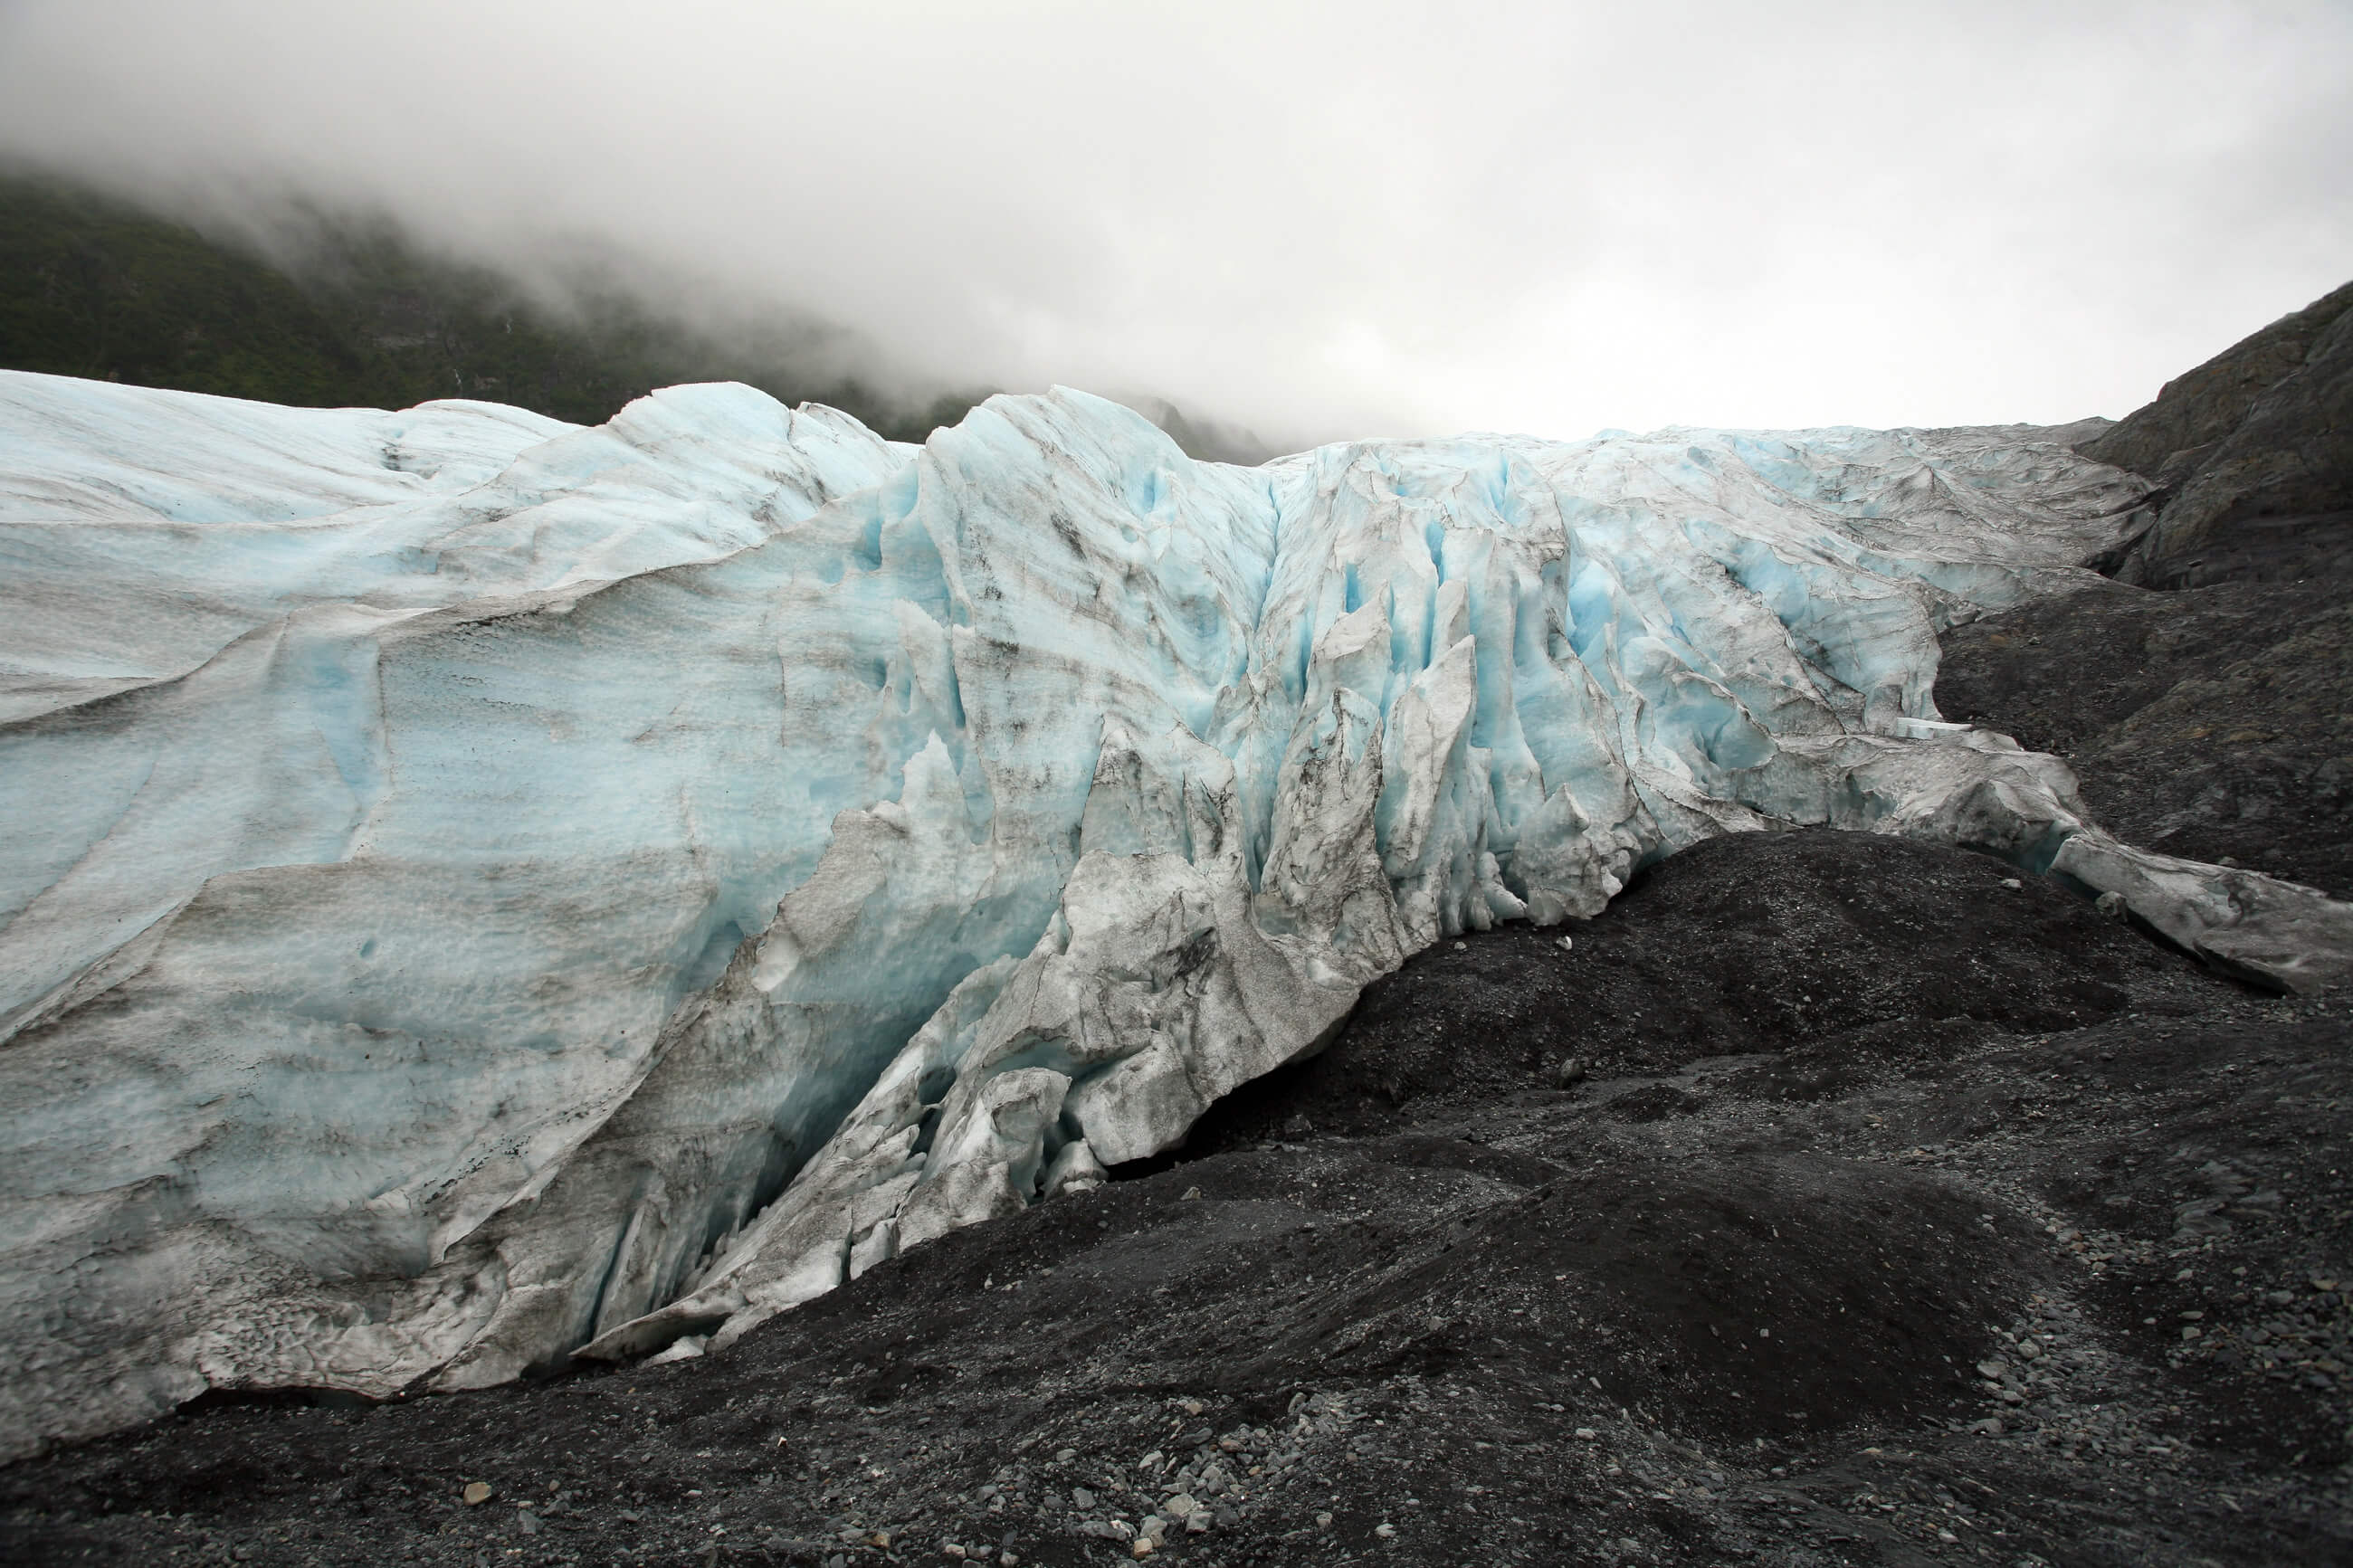 https://bubo.sk/uploads/galleries/16048/aljaska_photos_brian_adams_kenai_fjords_national_park_110.jpg-24.jpg